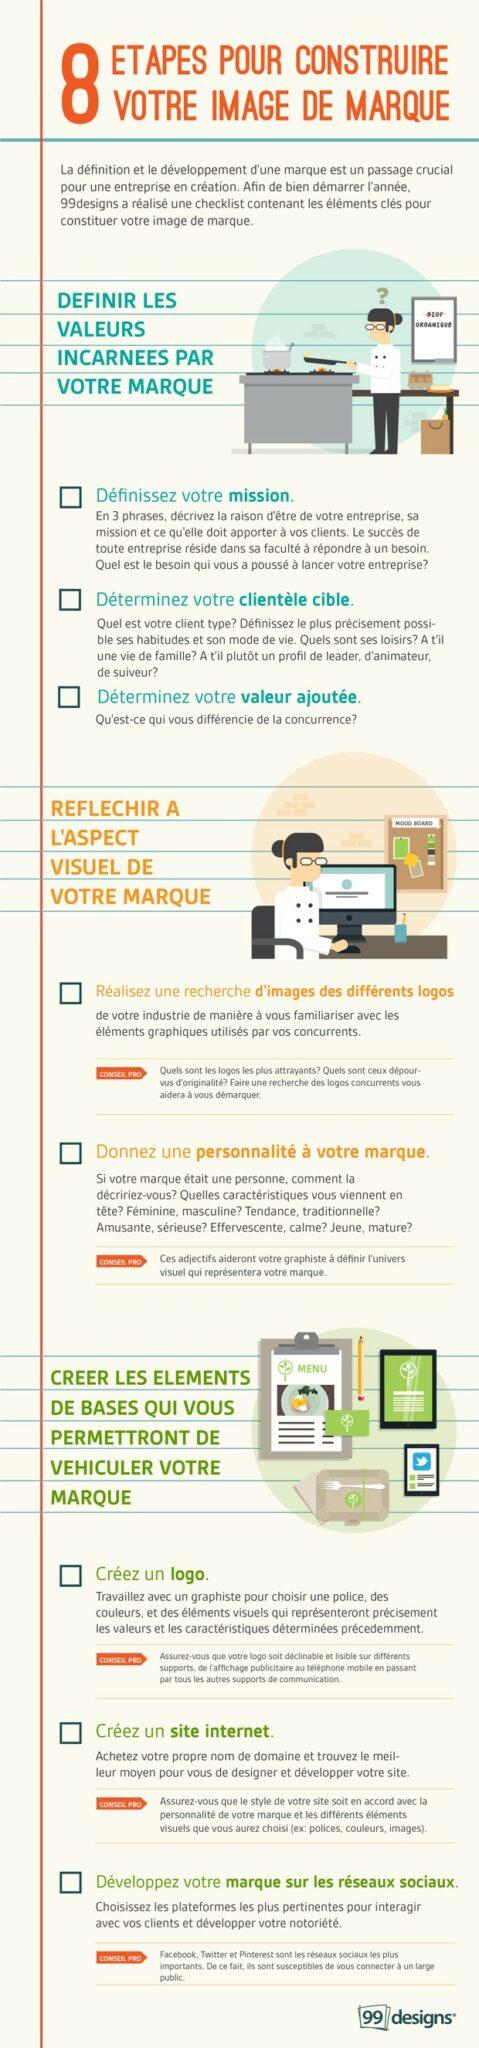 Infographie : 8 étapes pour construire votre image de marque